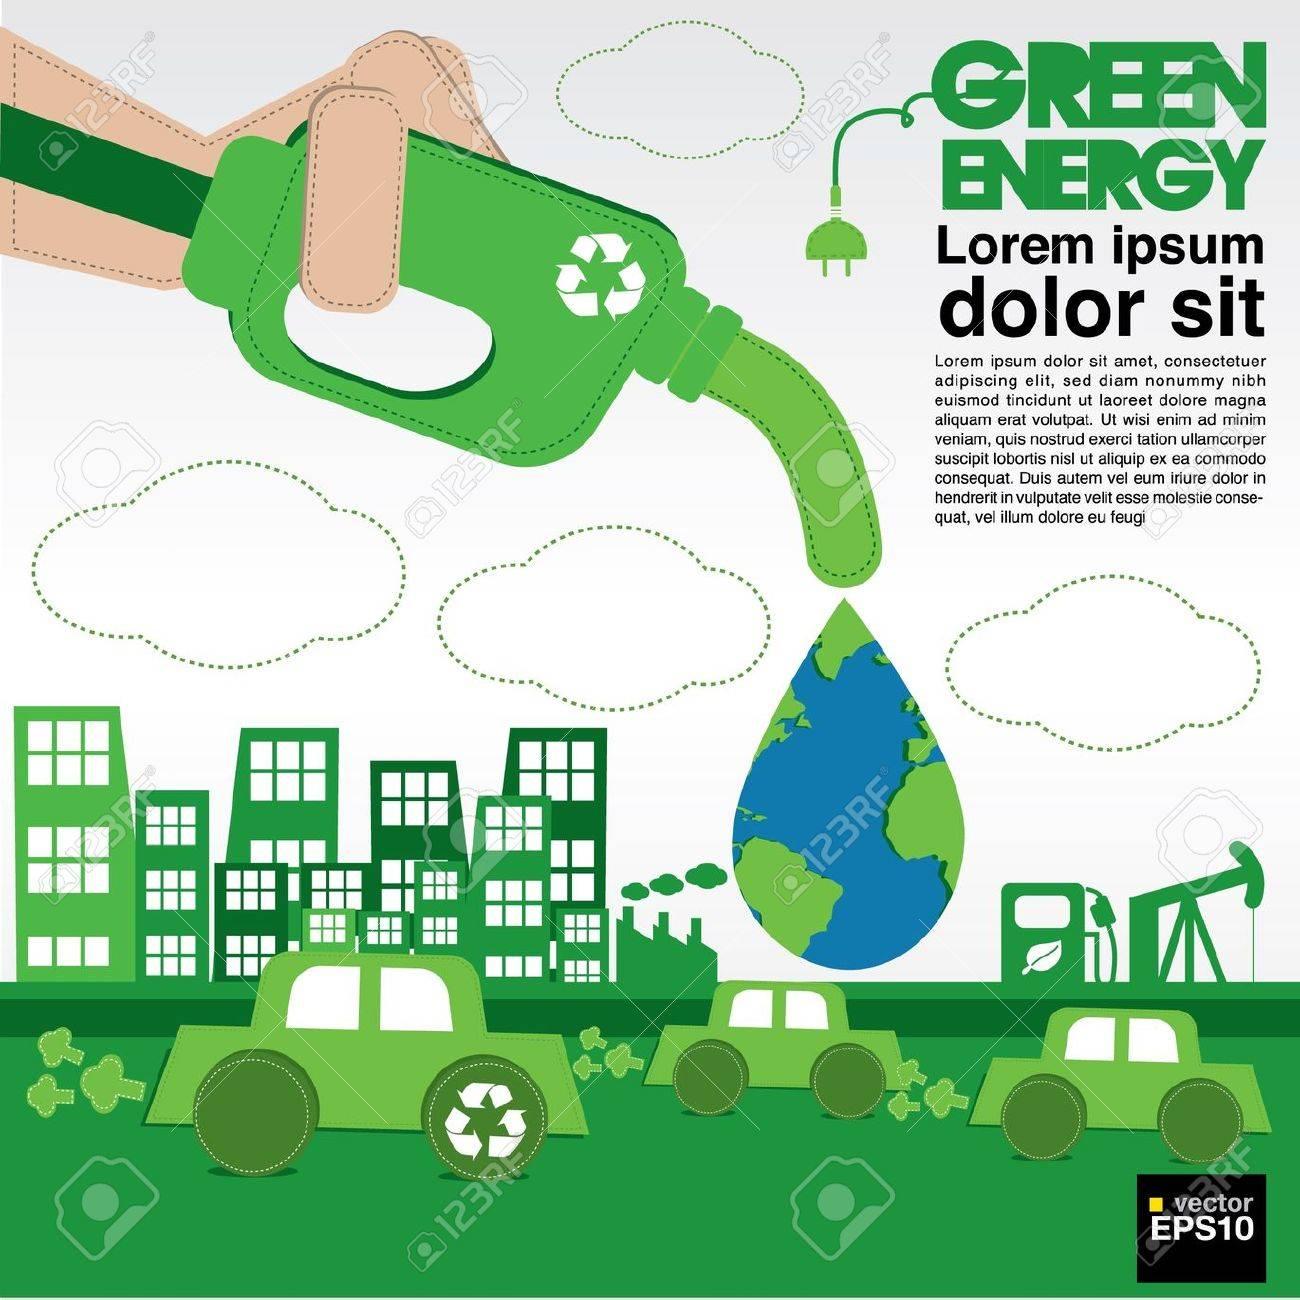 Green energy conceptual illustration vector EPS10 Stock Vector - 21353848